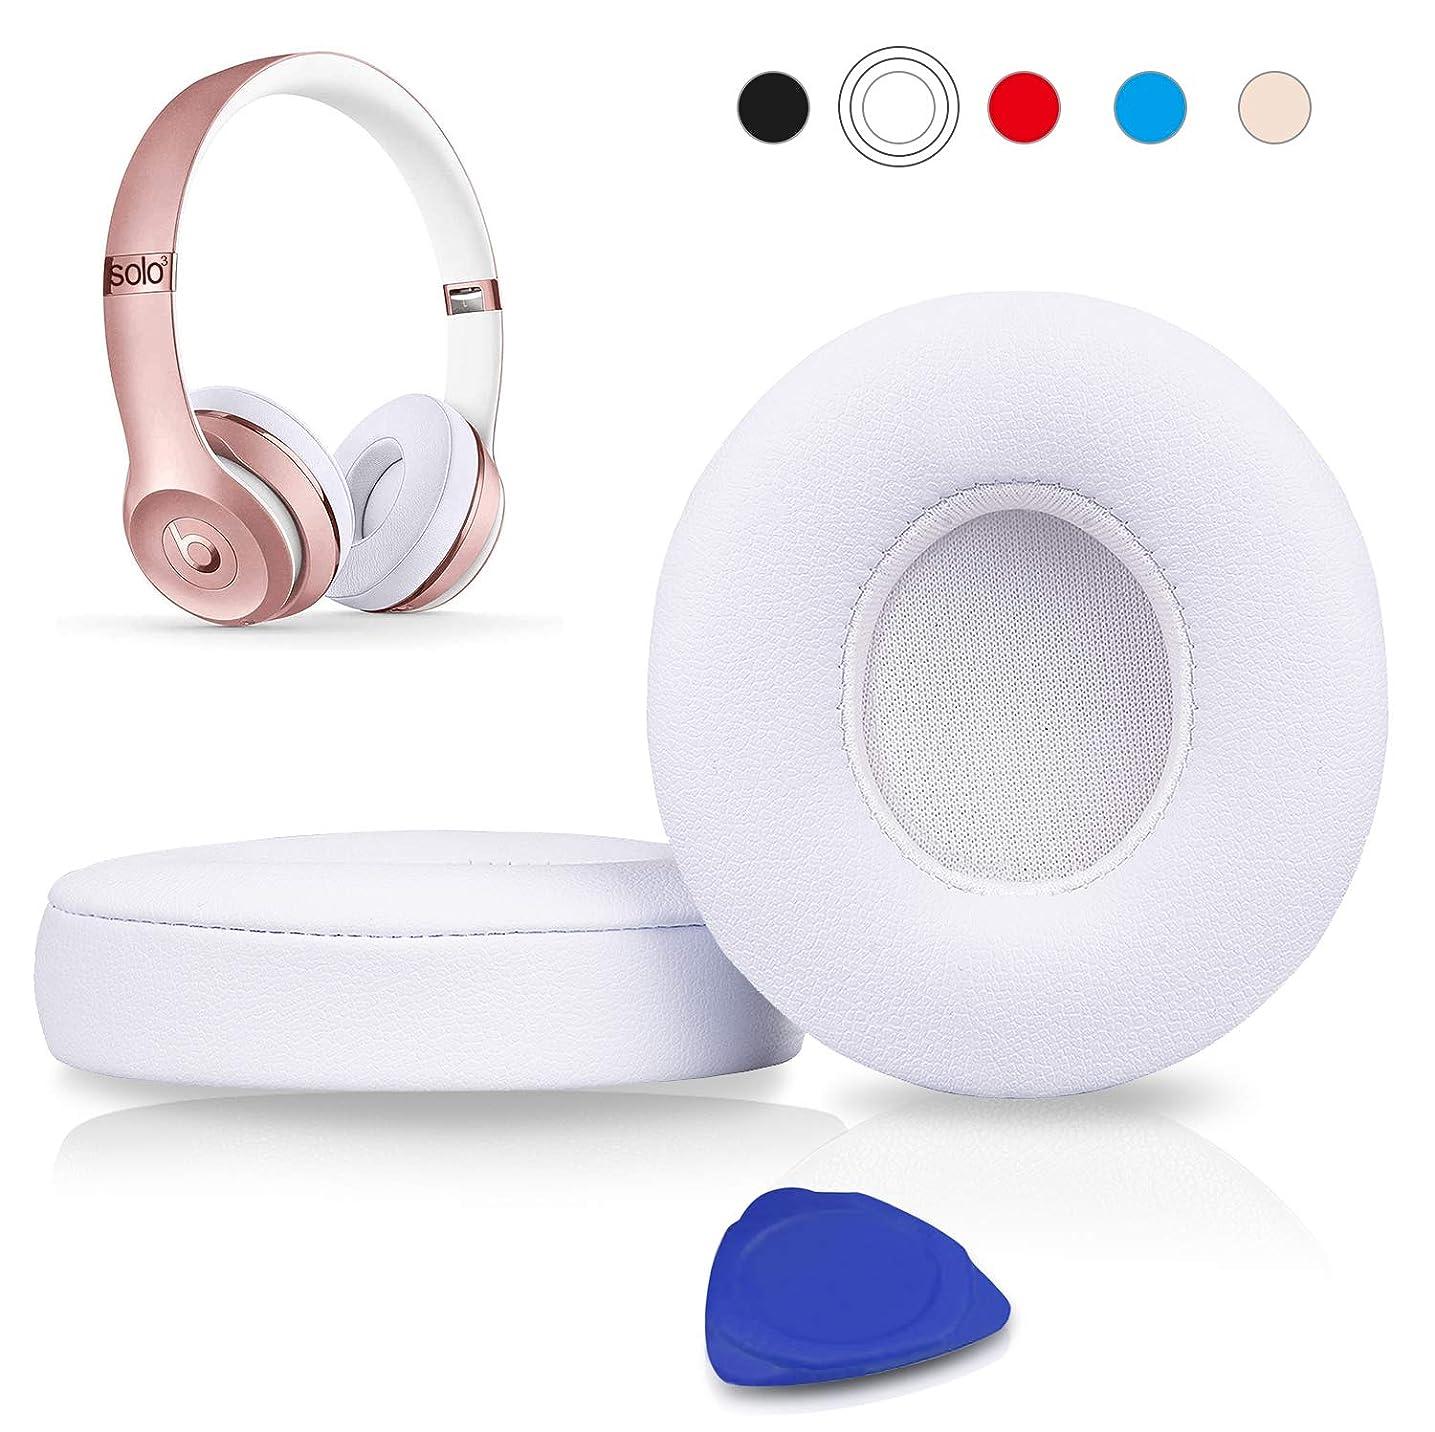 バルブ香ばしいクリープSoloWIT イヤーパッド イヤークッション 交換用 Beats Solo 2.0&3 Wirelessに対応 革 ヘッドフォンに適用 遮音 メモリフォーム